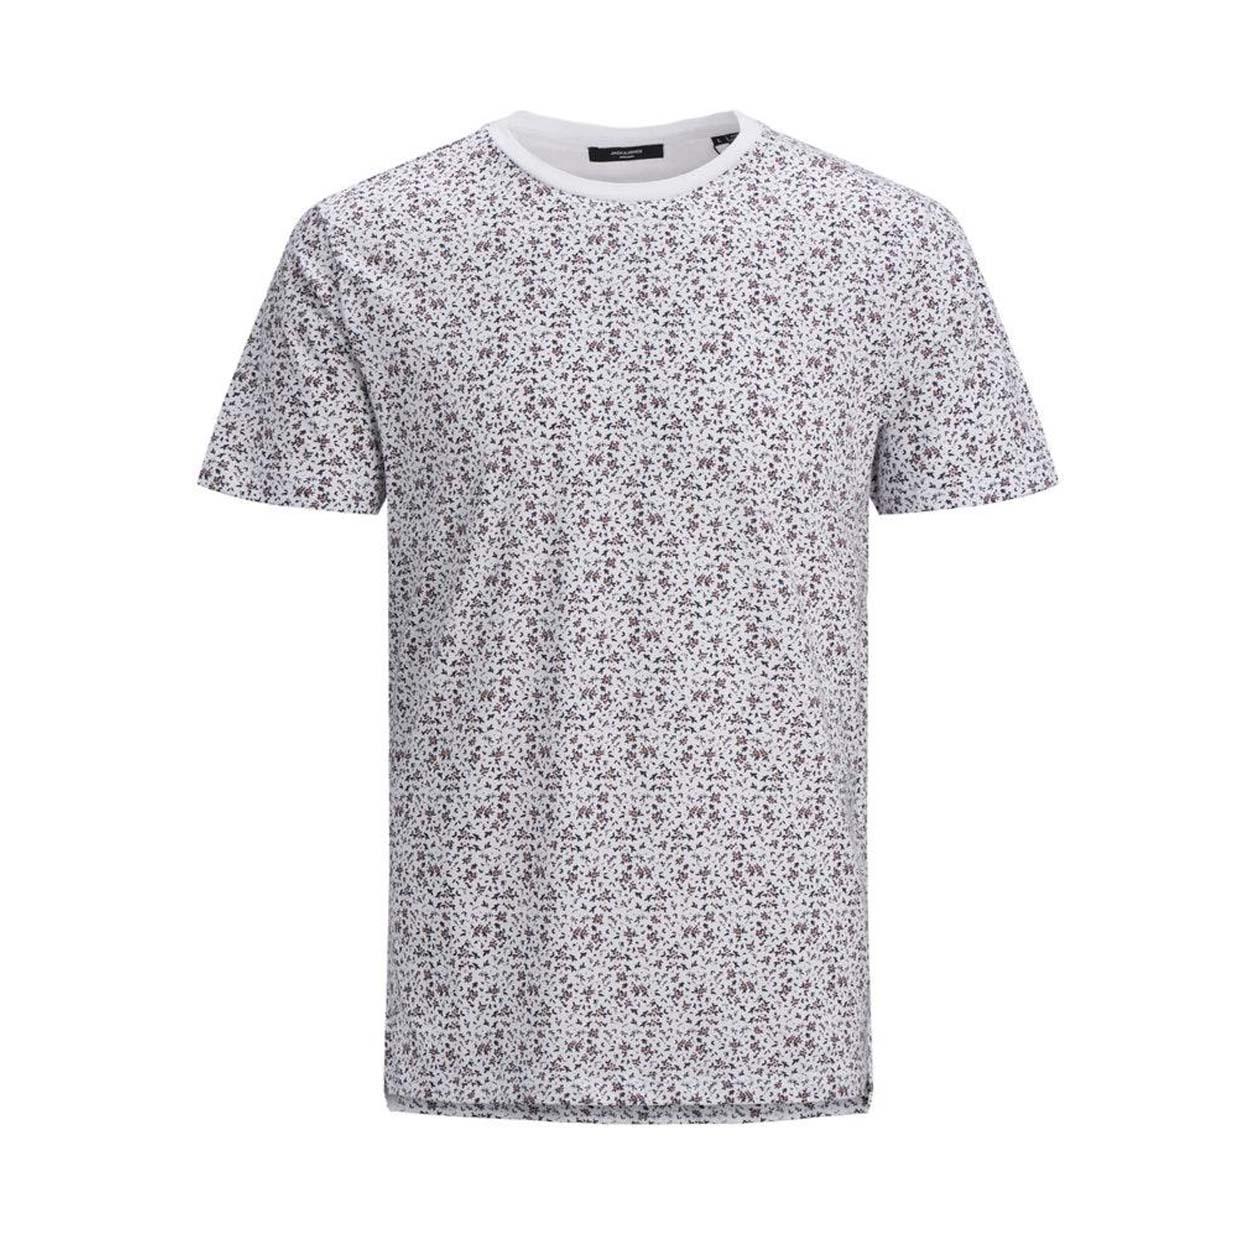 Tee-shirt col rond jack & jones james en coton blanc à motifs fleuris